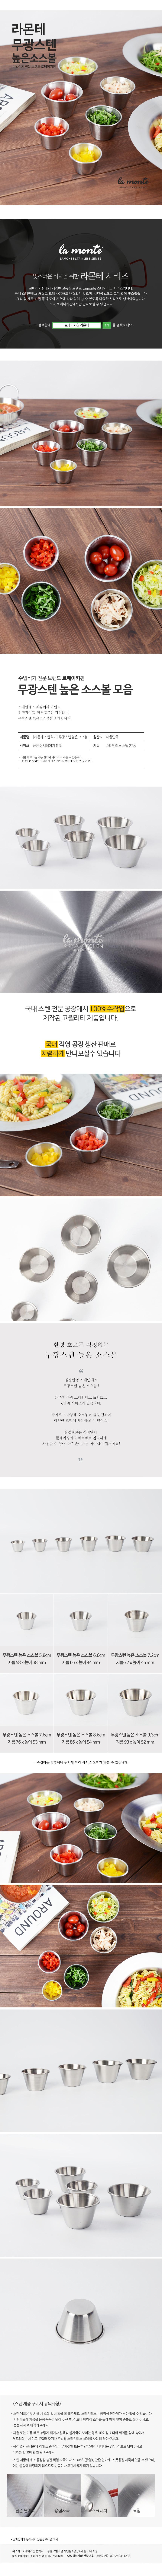 라몬테 무광스텐식기 높은 소스볼 7.2cm - 로메이키친5, 1,800원, 샐러드볼/다용도볼, 종지/소스볼